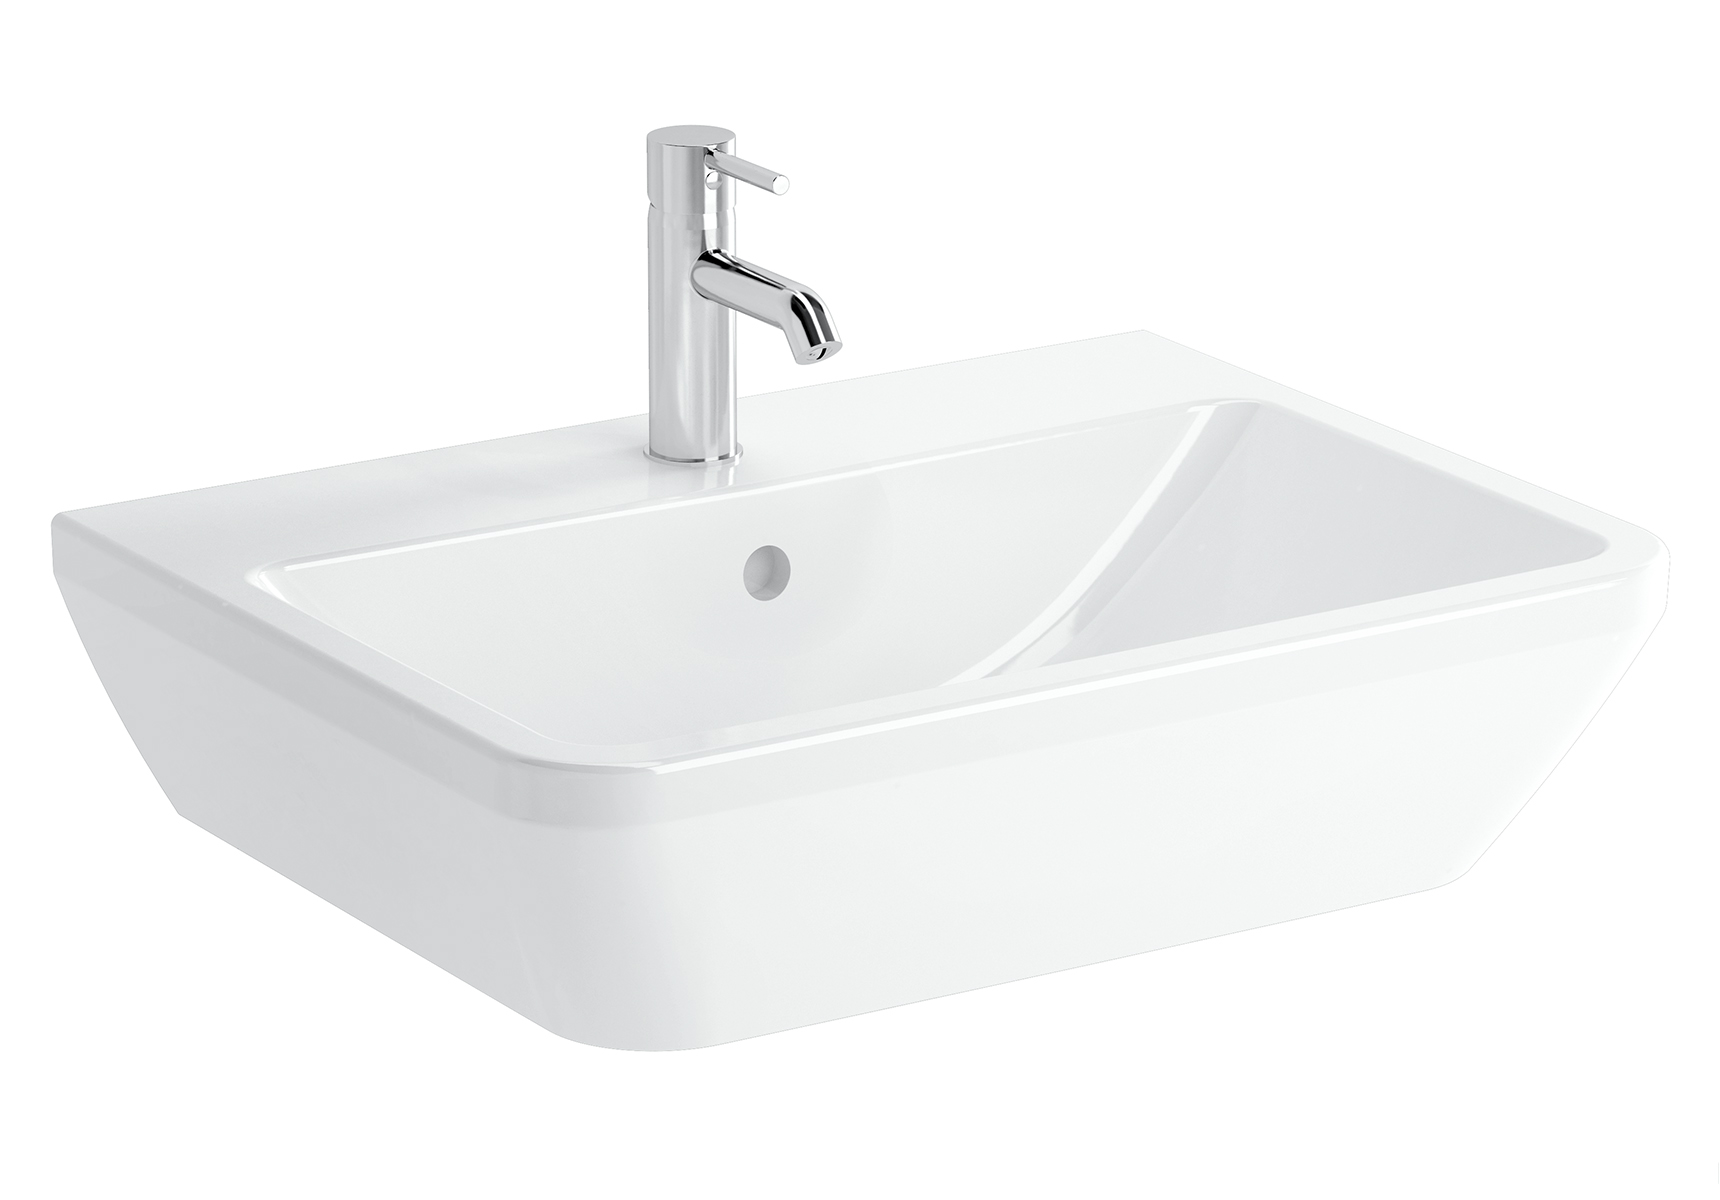 Integra lavabo carré, 65 cm, sans trou de robinet, sans trop-plein